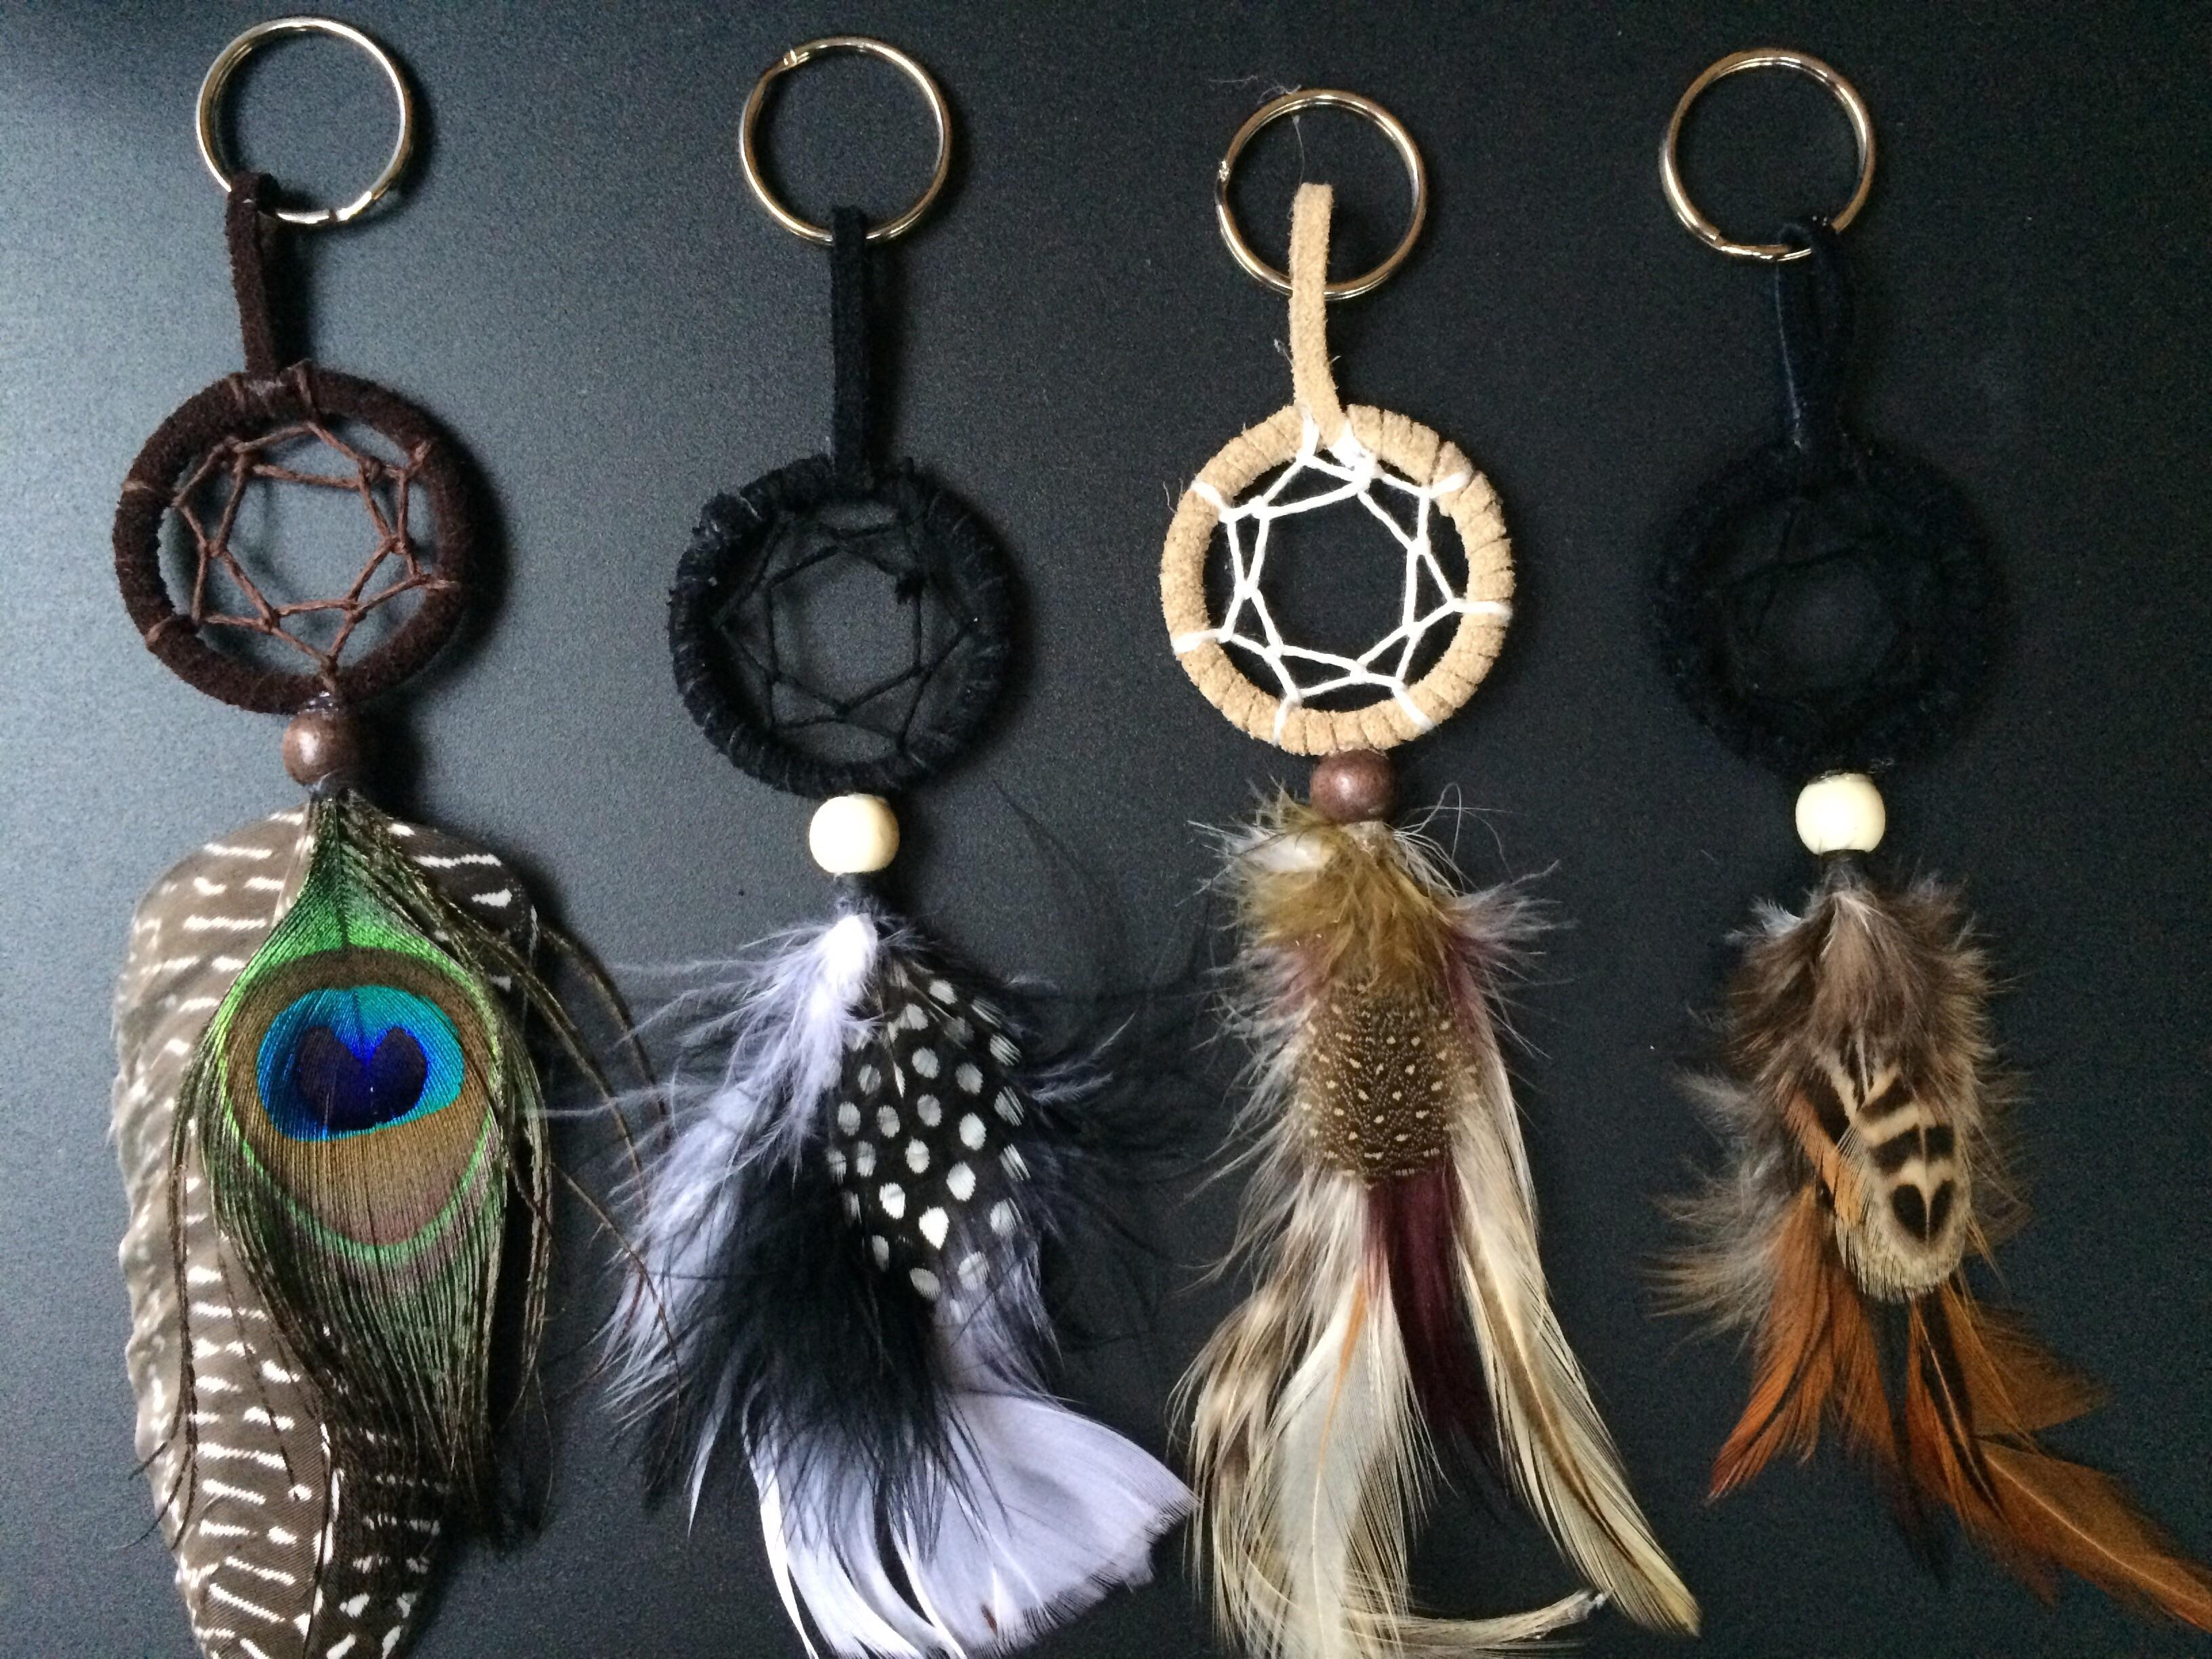 Dream catcher keychain/purse accessory u00b7 Rising Sun (Oriana ...